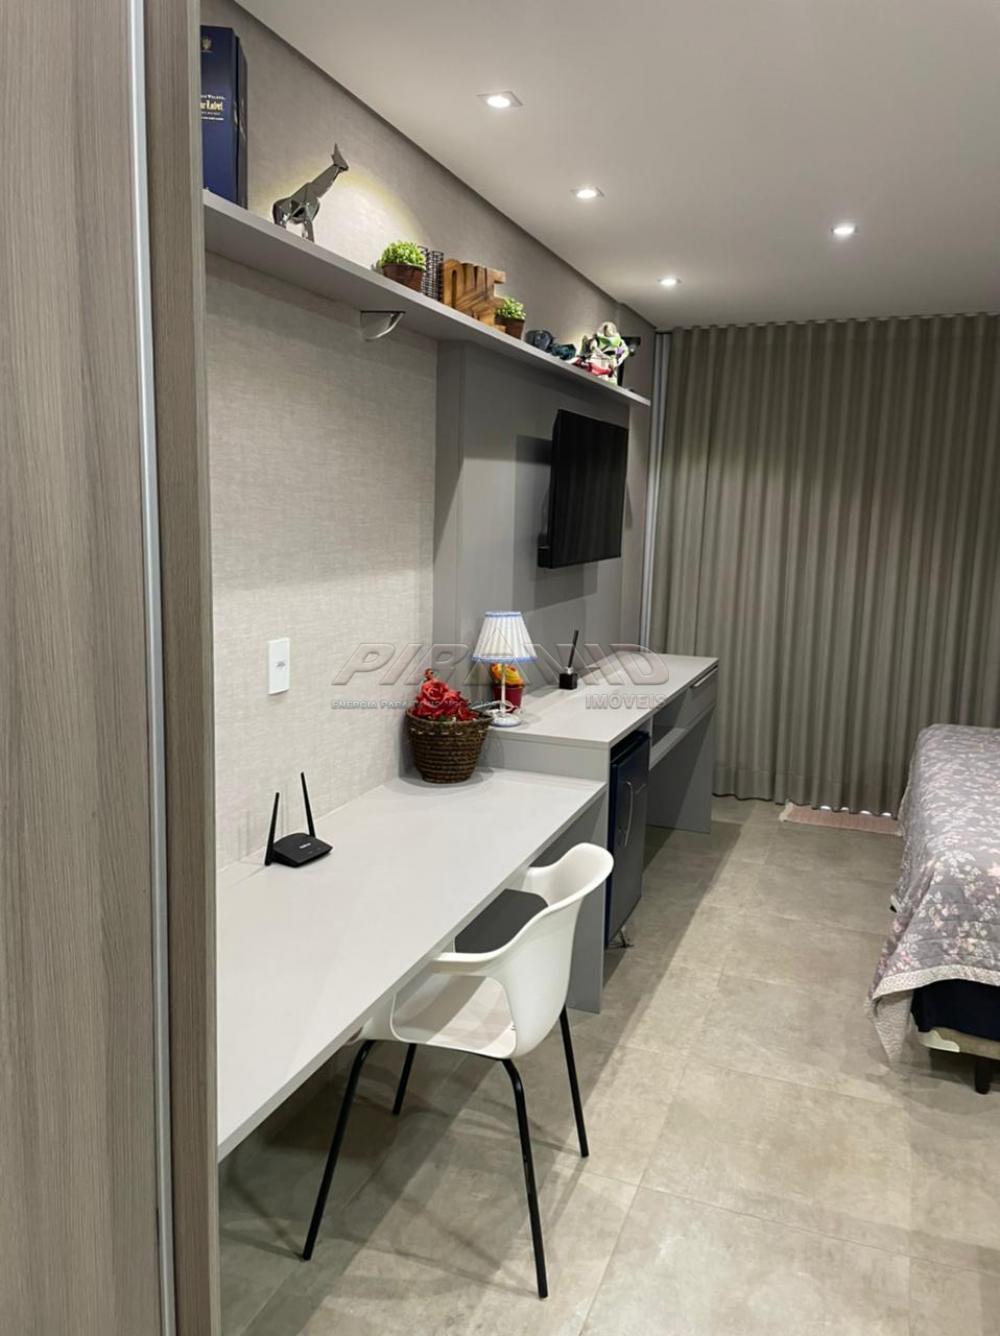 Alugar Apartamento / Flat em Ribeirão Preto R$ 1.750,00 - Foto 6